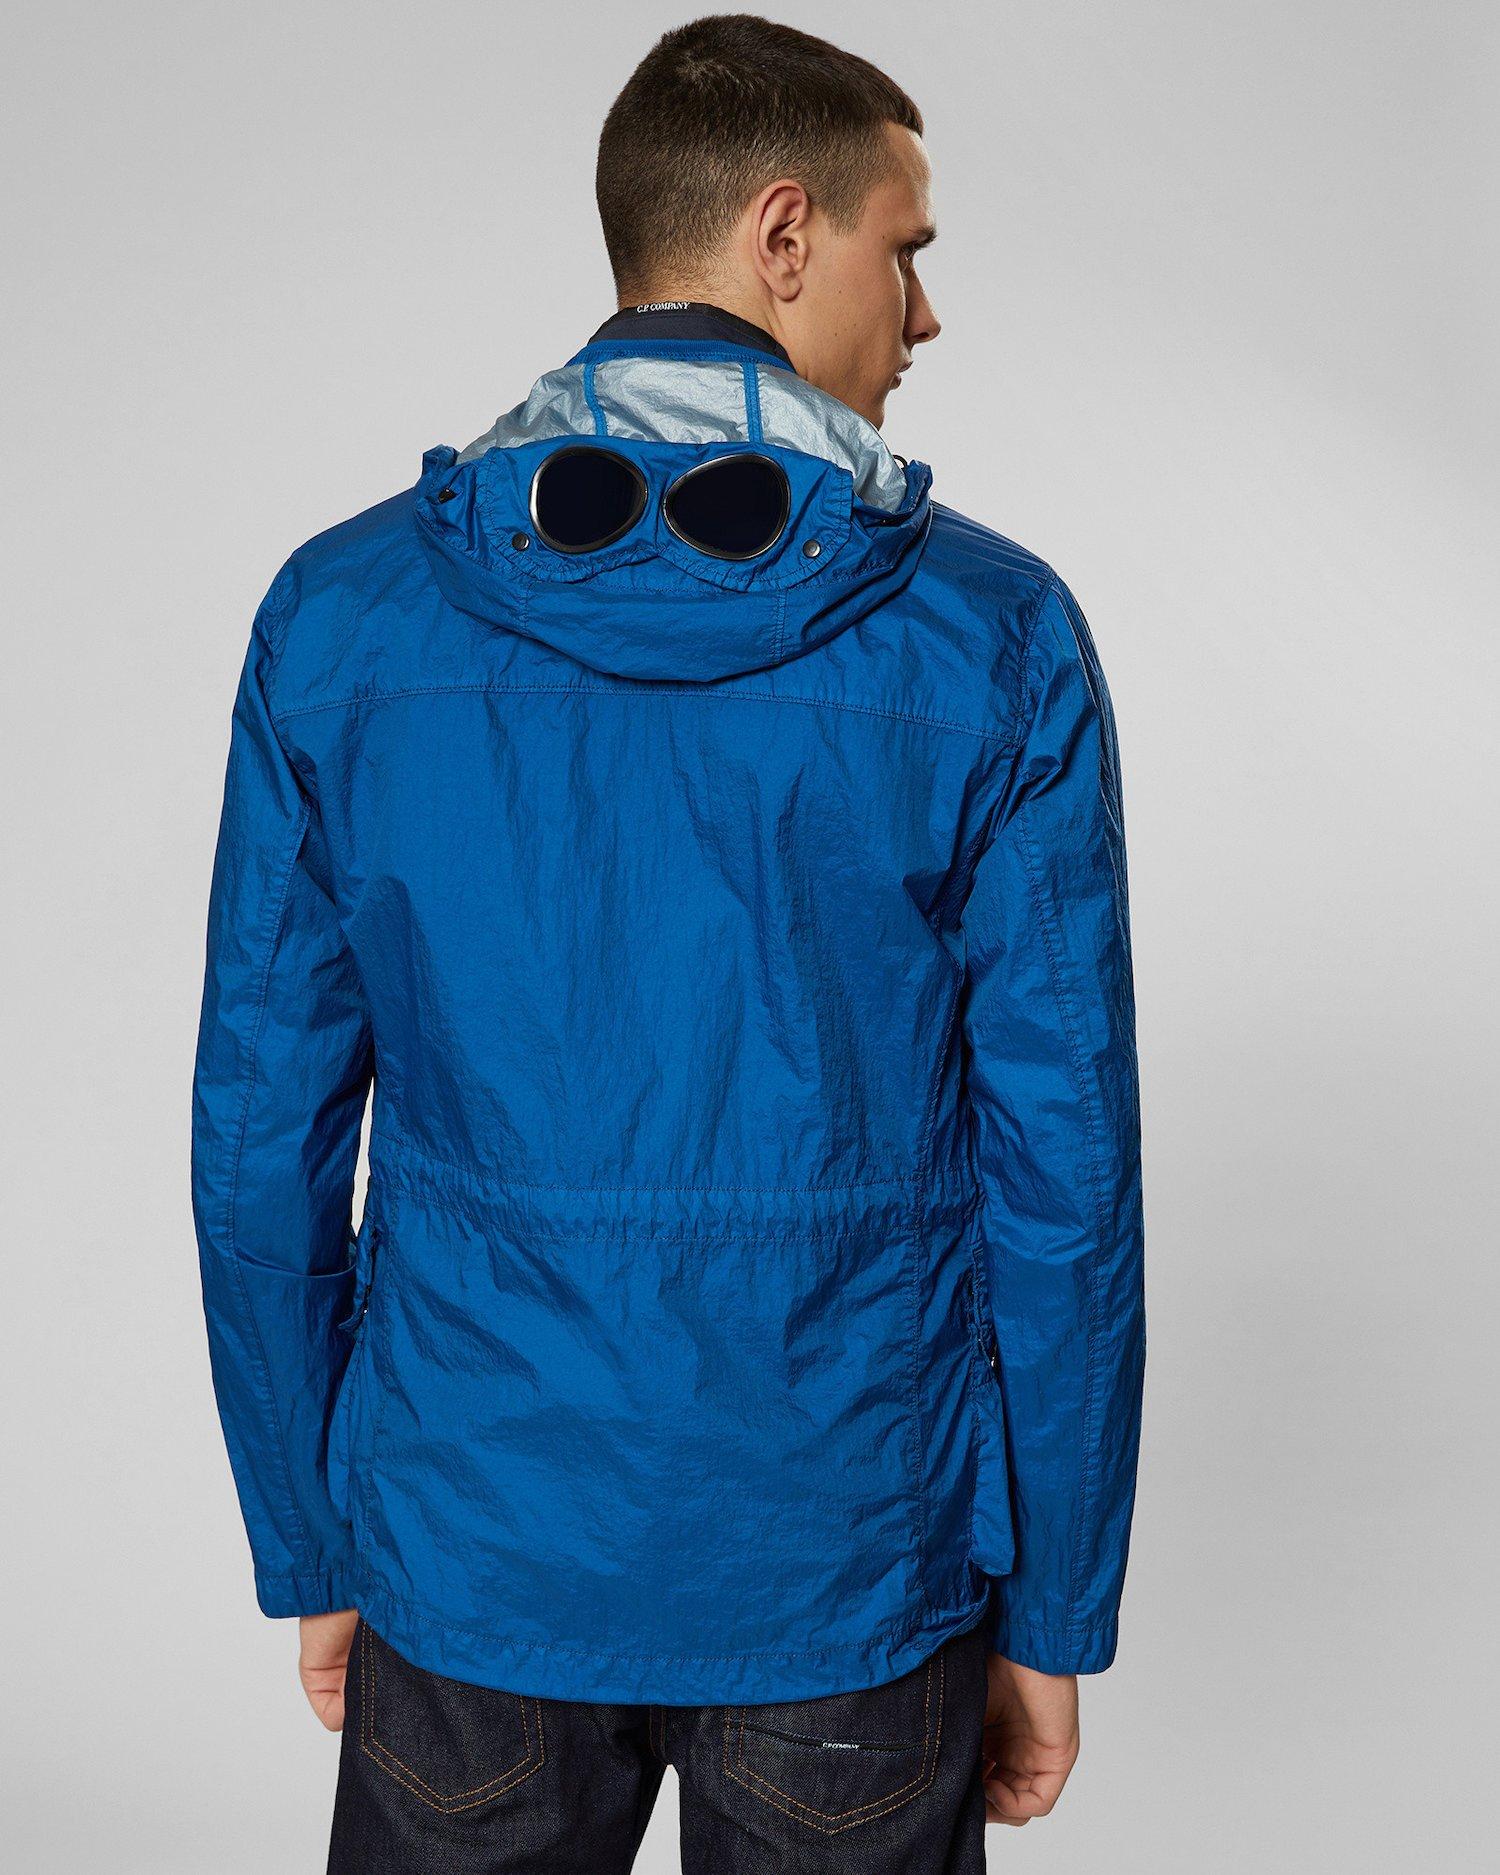 76213e0e4 Nyfoil Goggle Jacket In Moroccan Blue | C.P. Company Online Store